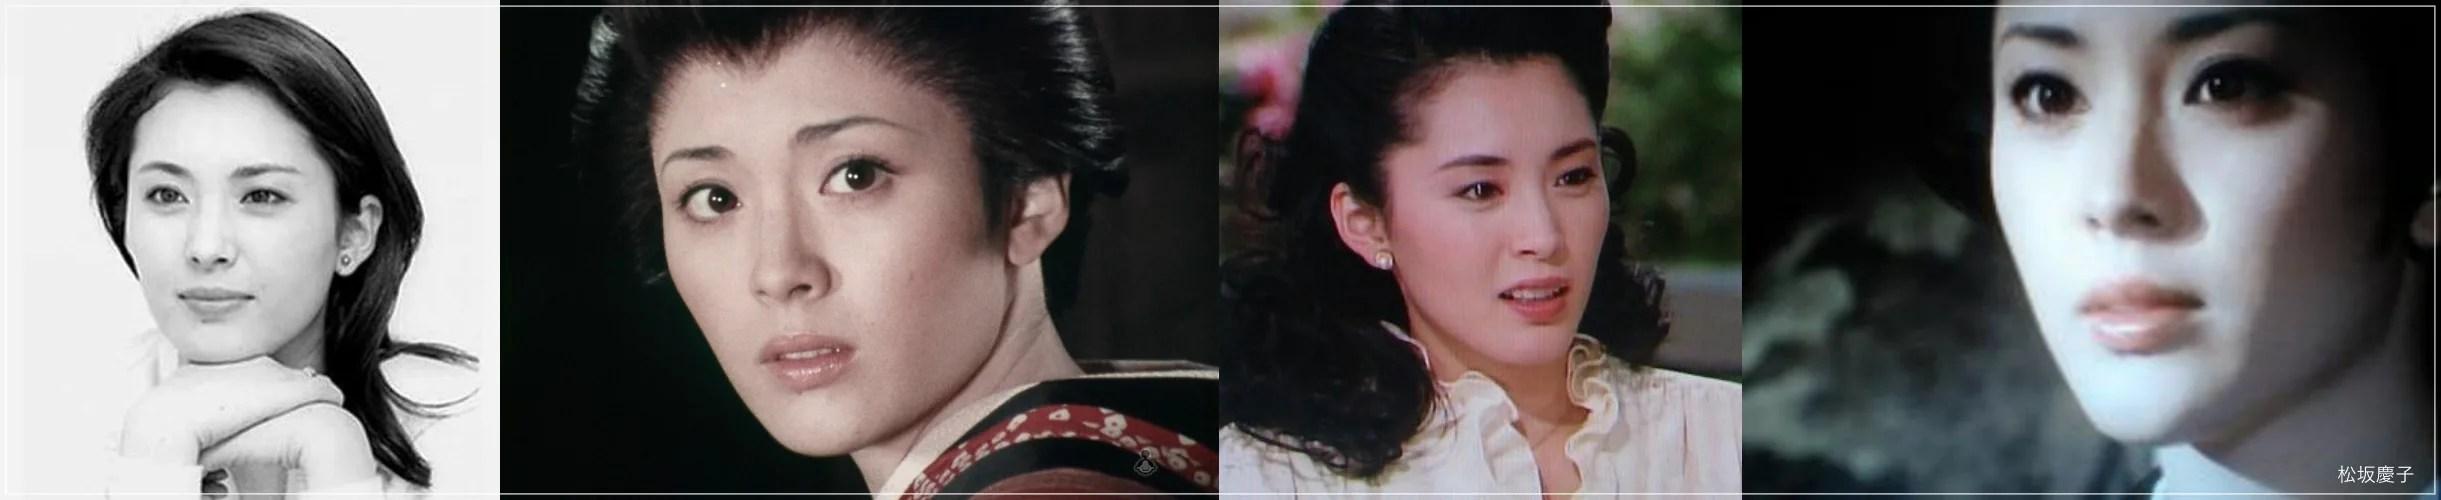 松坂慶子が朝ドラまんぷくの母!若い頃の画像と写真が超絶美人!10選2